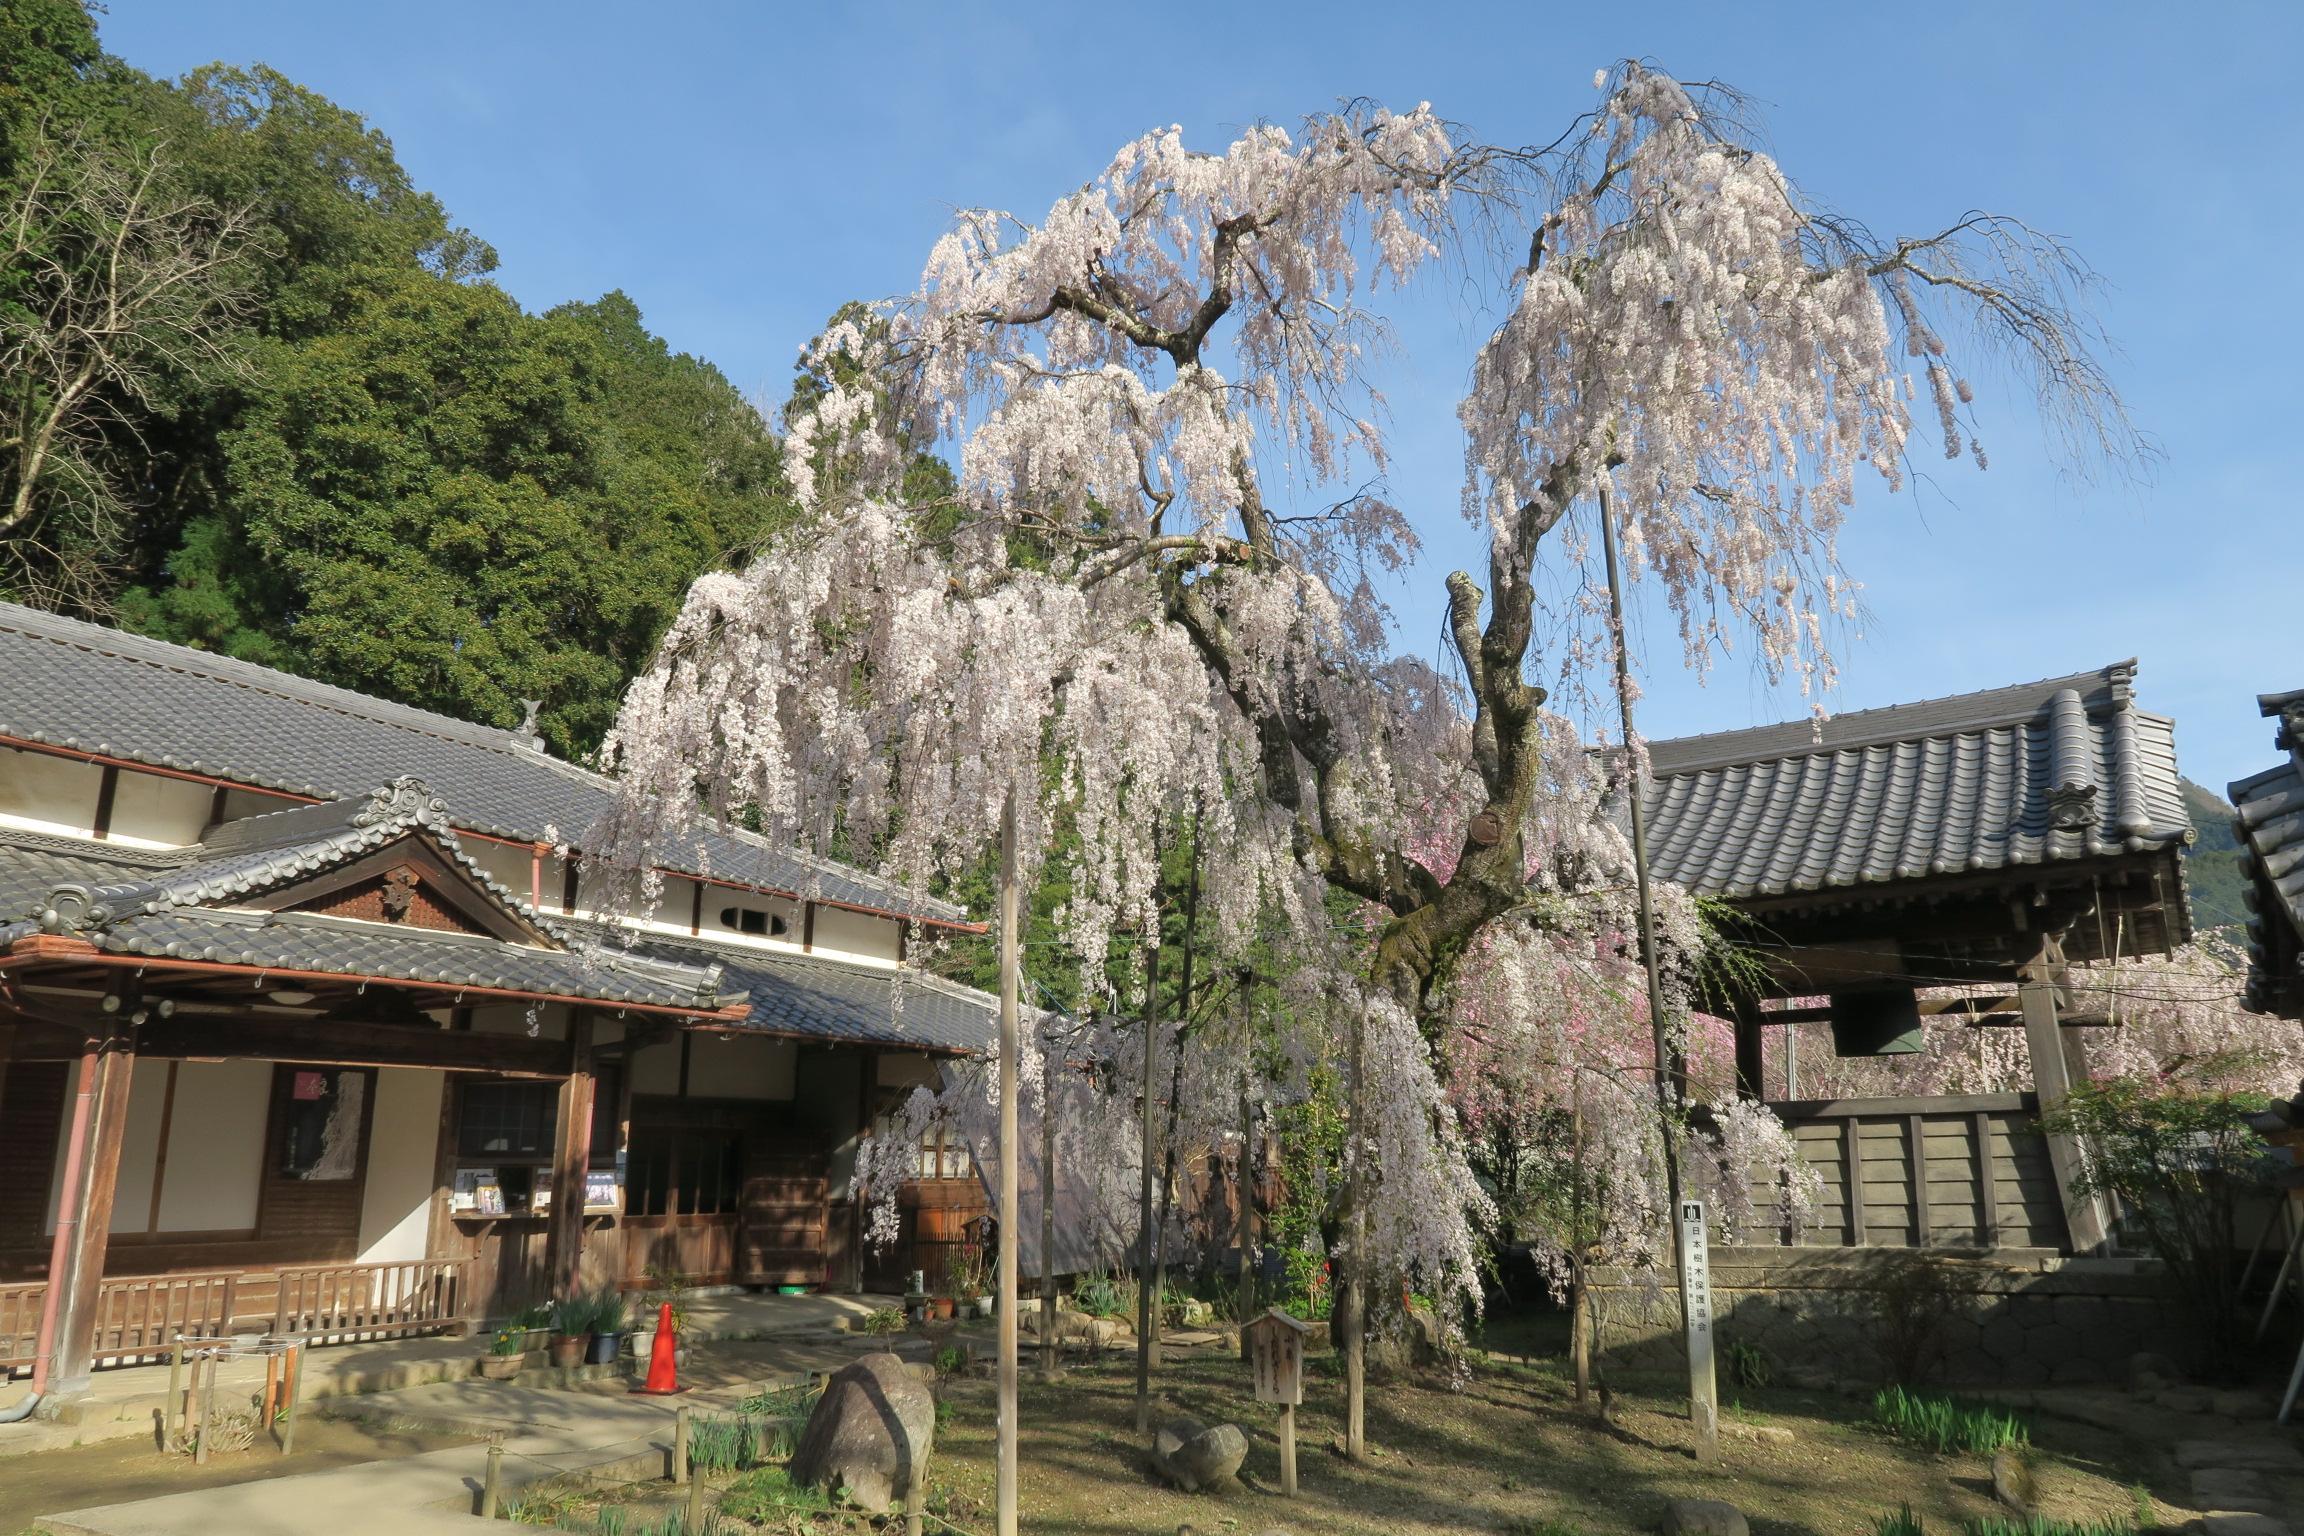 樹齢300年の小糸しだれ桜。参拝客の方が「桜の上の部分が少し痩せたかなぁ」と言ってました。